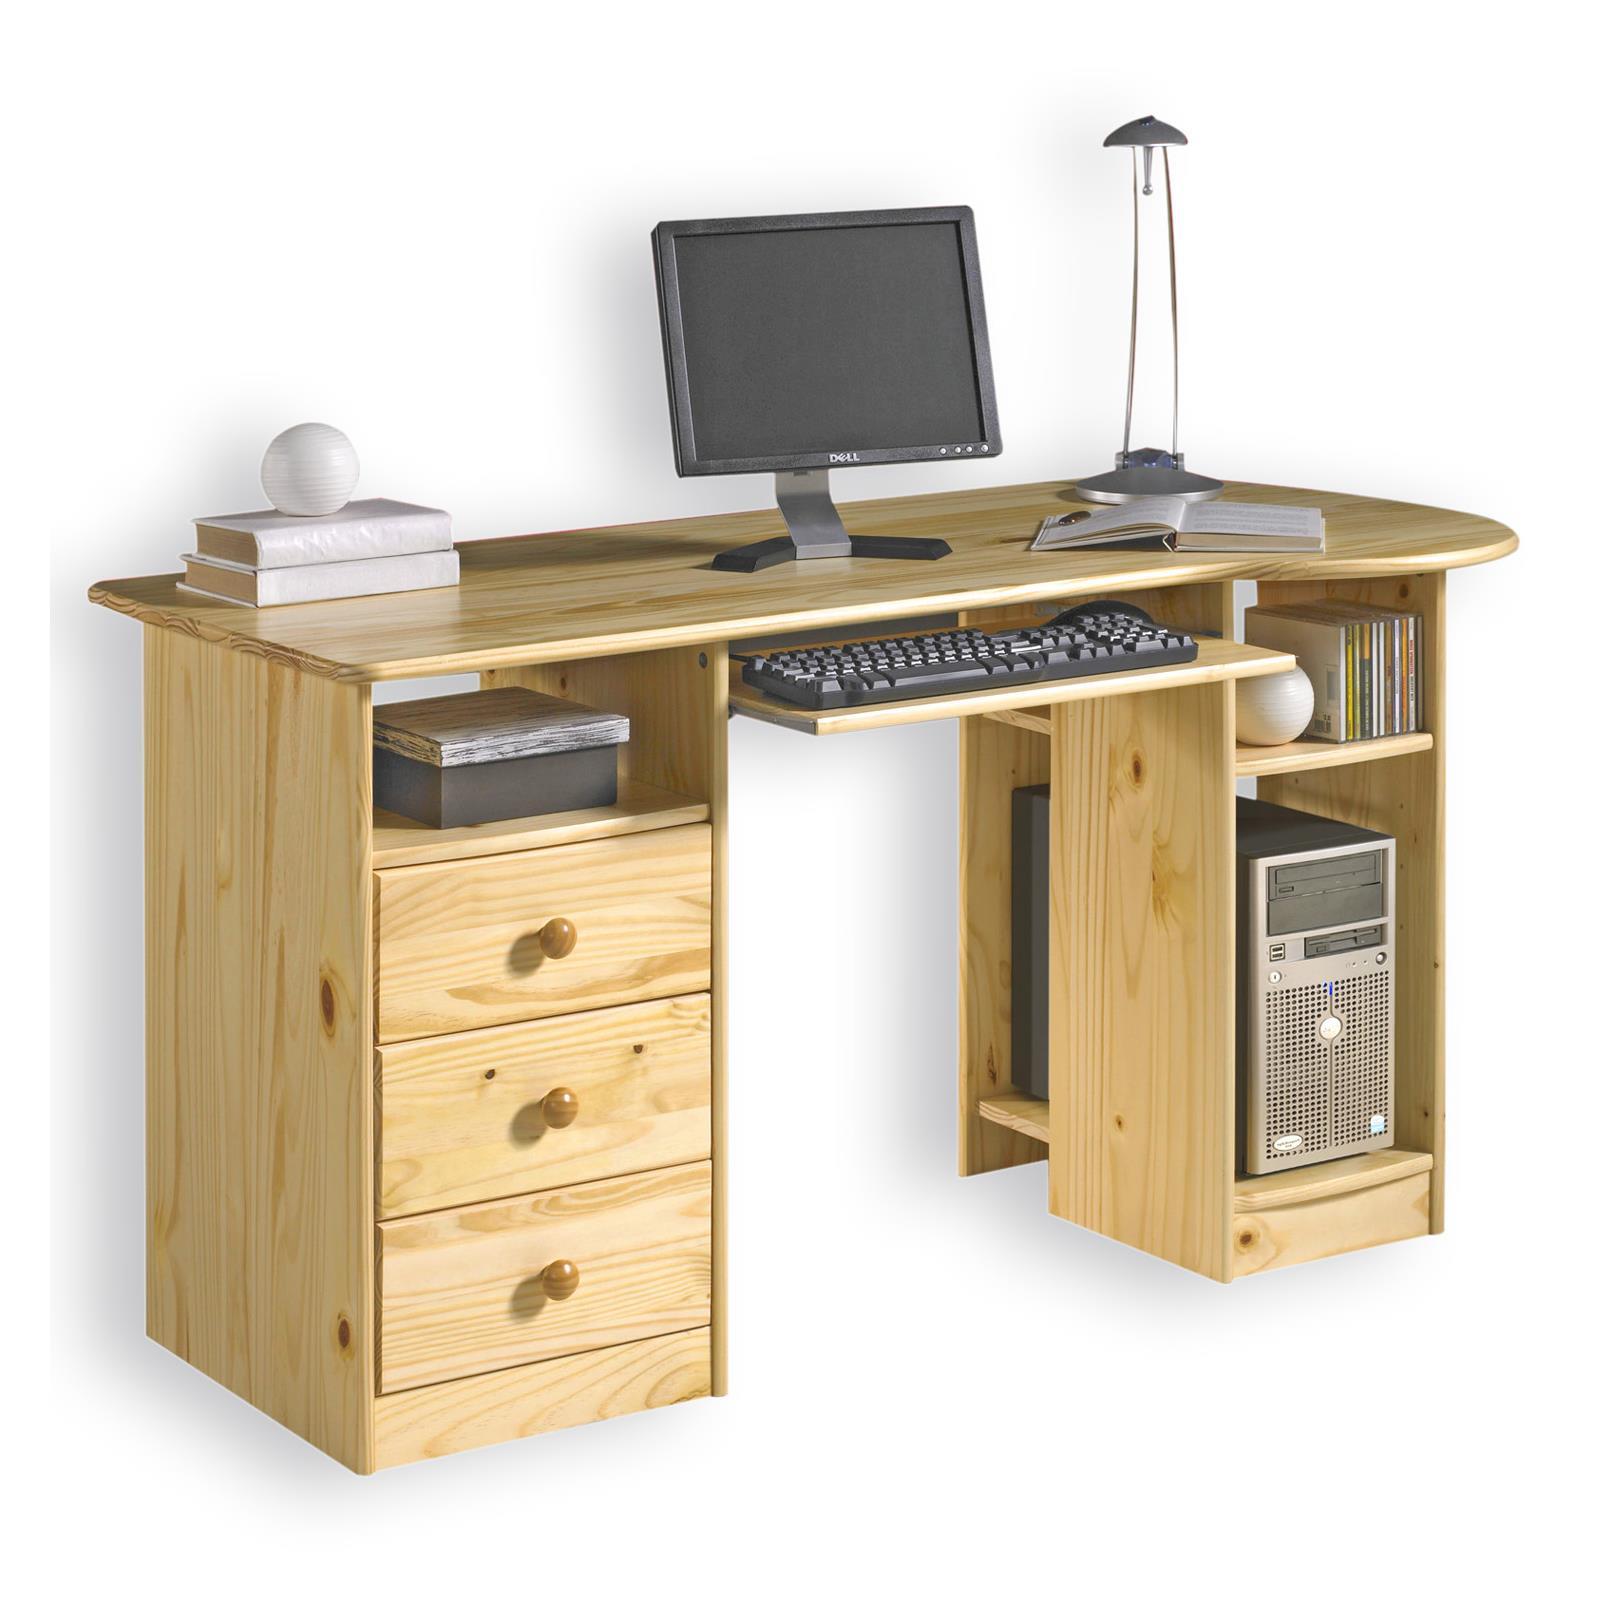 Schreibtisch computertisch pc schreibtisch kiefer massiv for Schreibtisch massiv